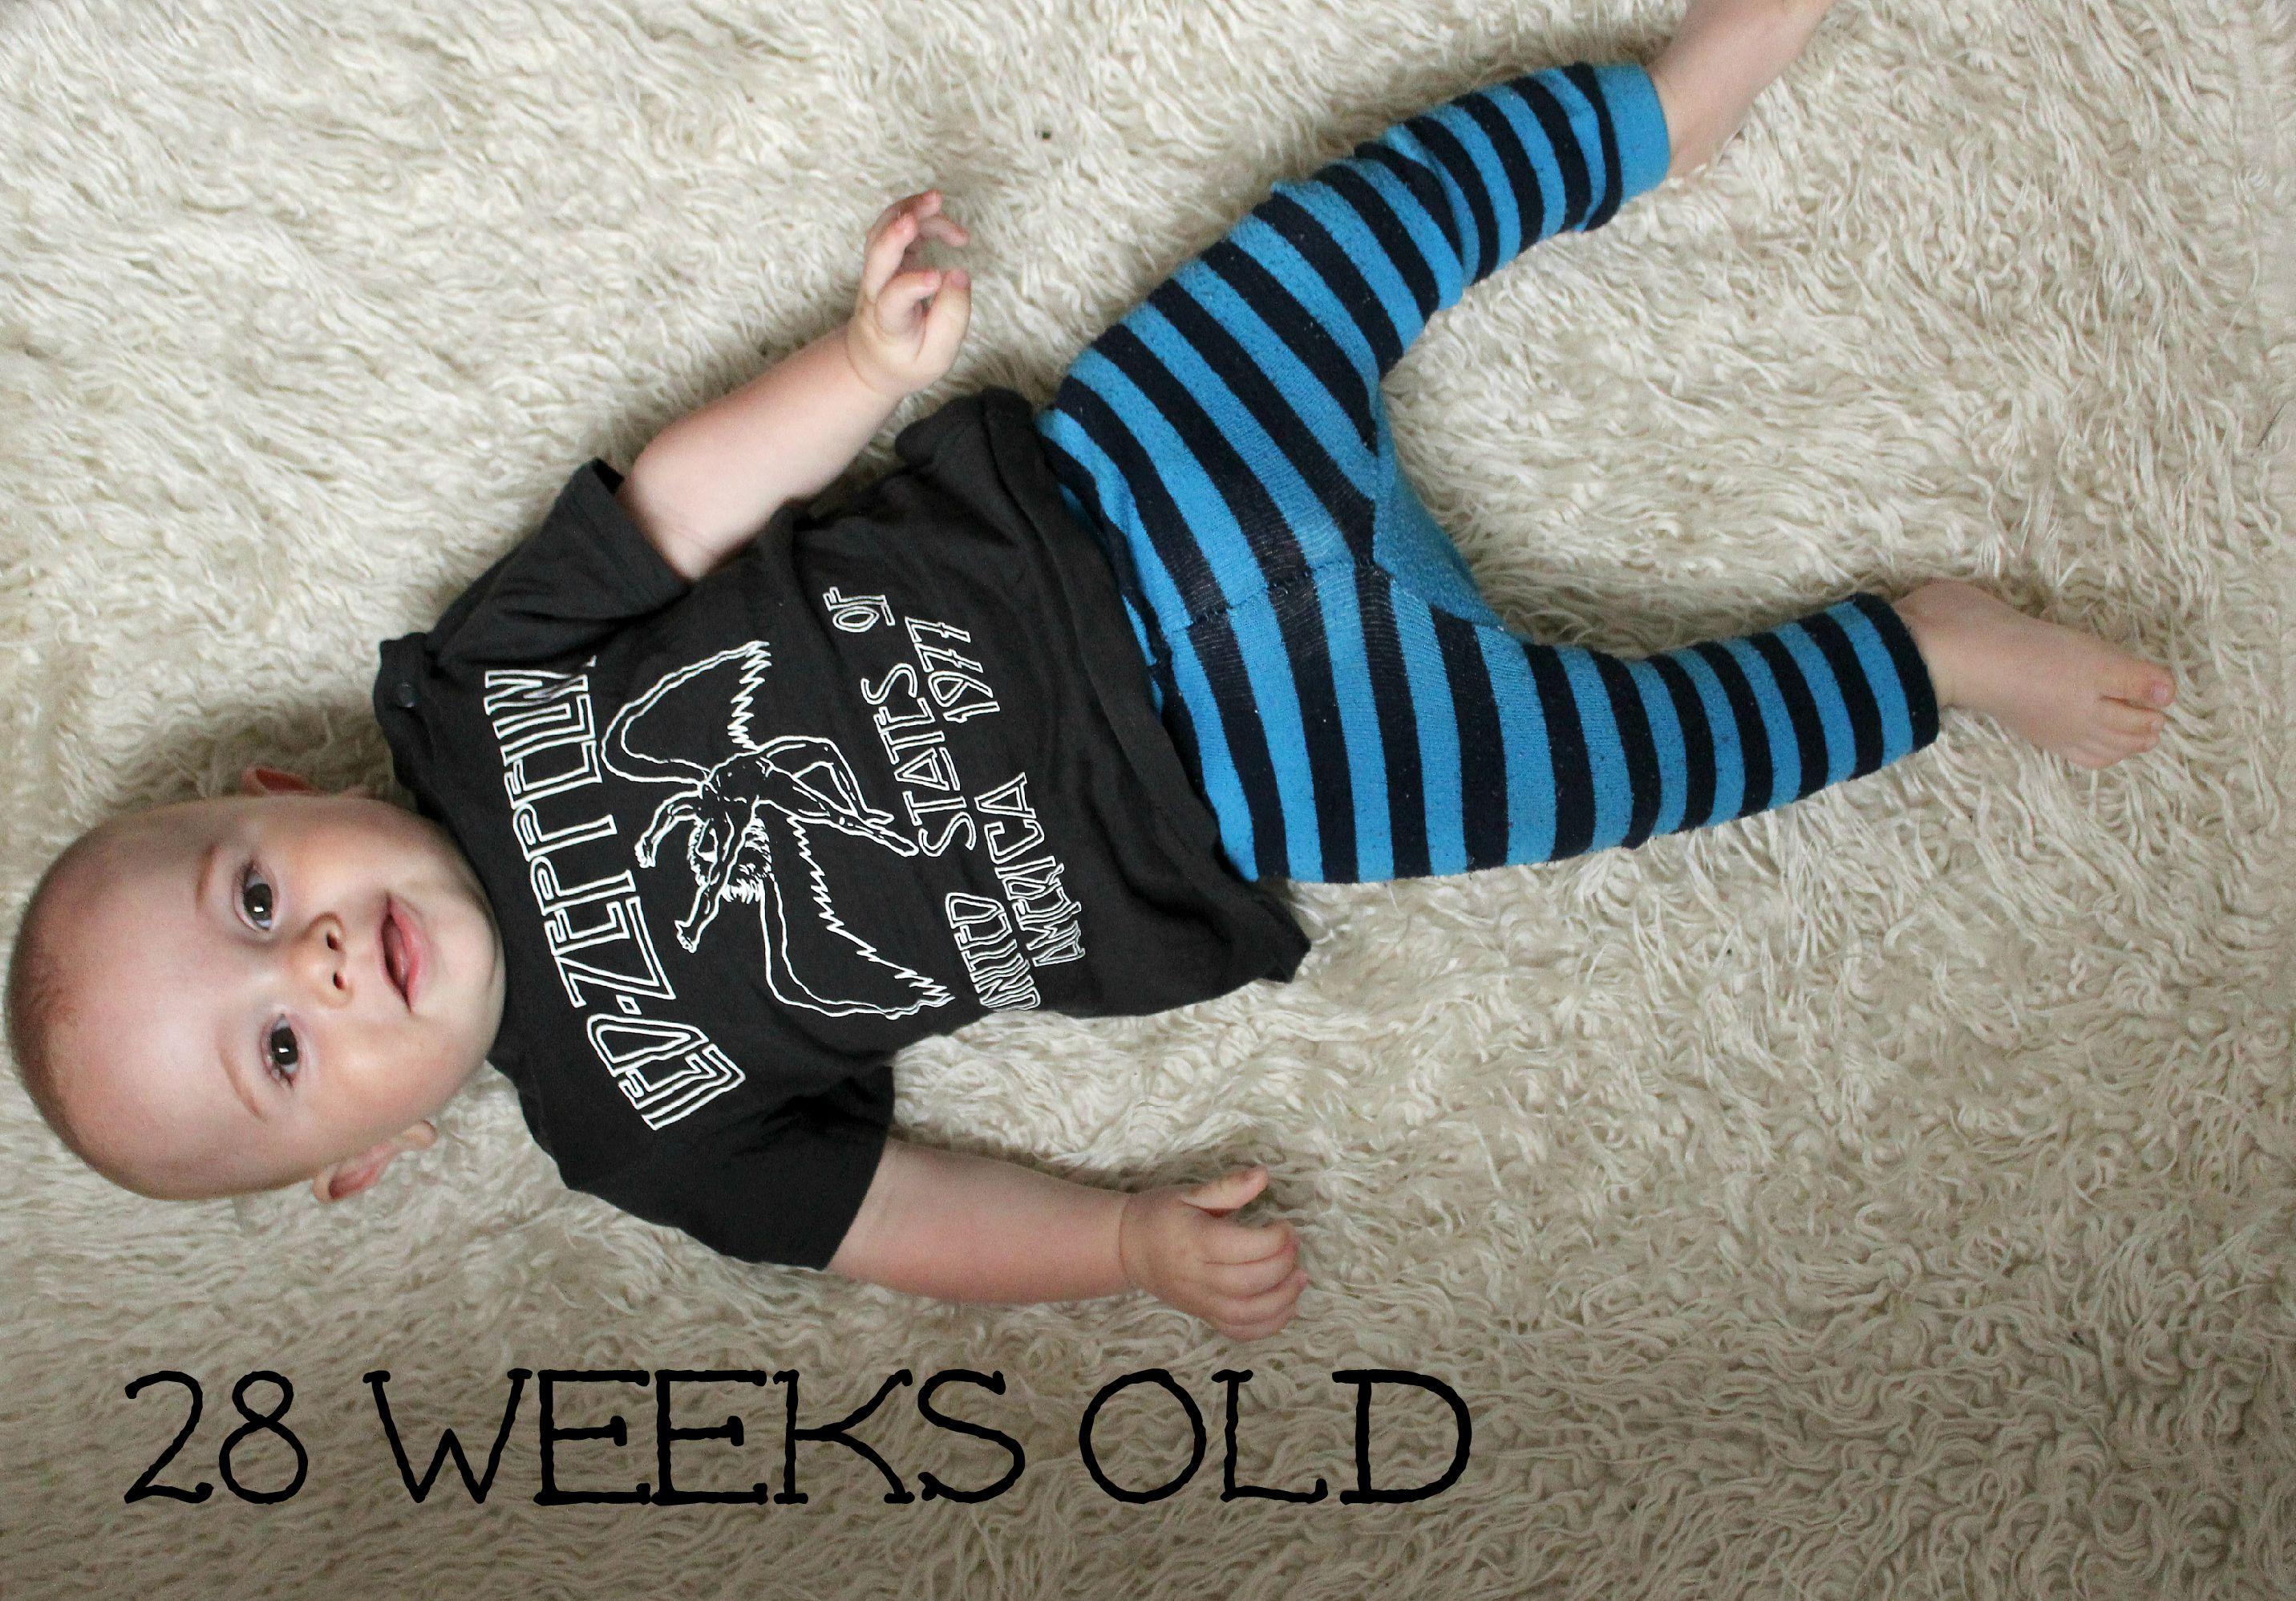 28 weeks old